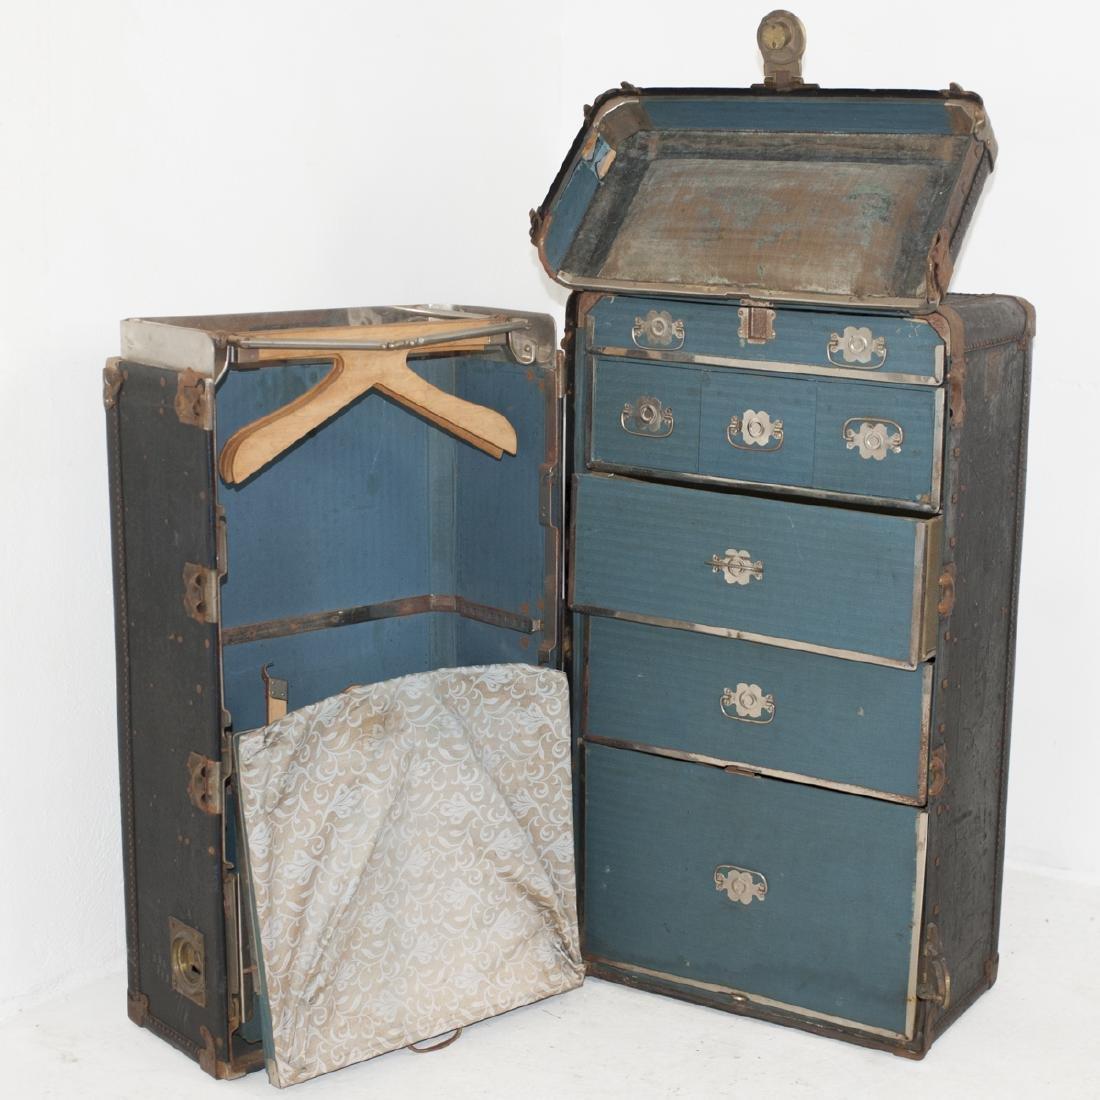 Antique Hartmann Wardrobe Trunk